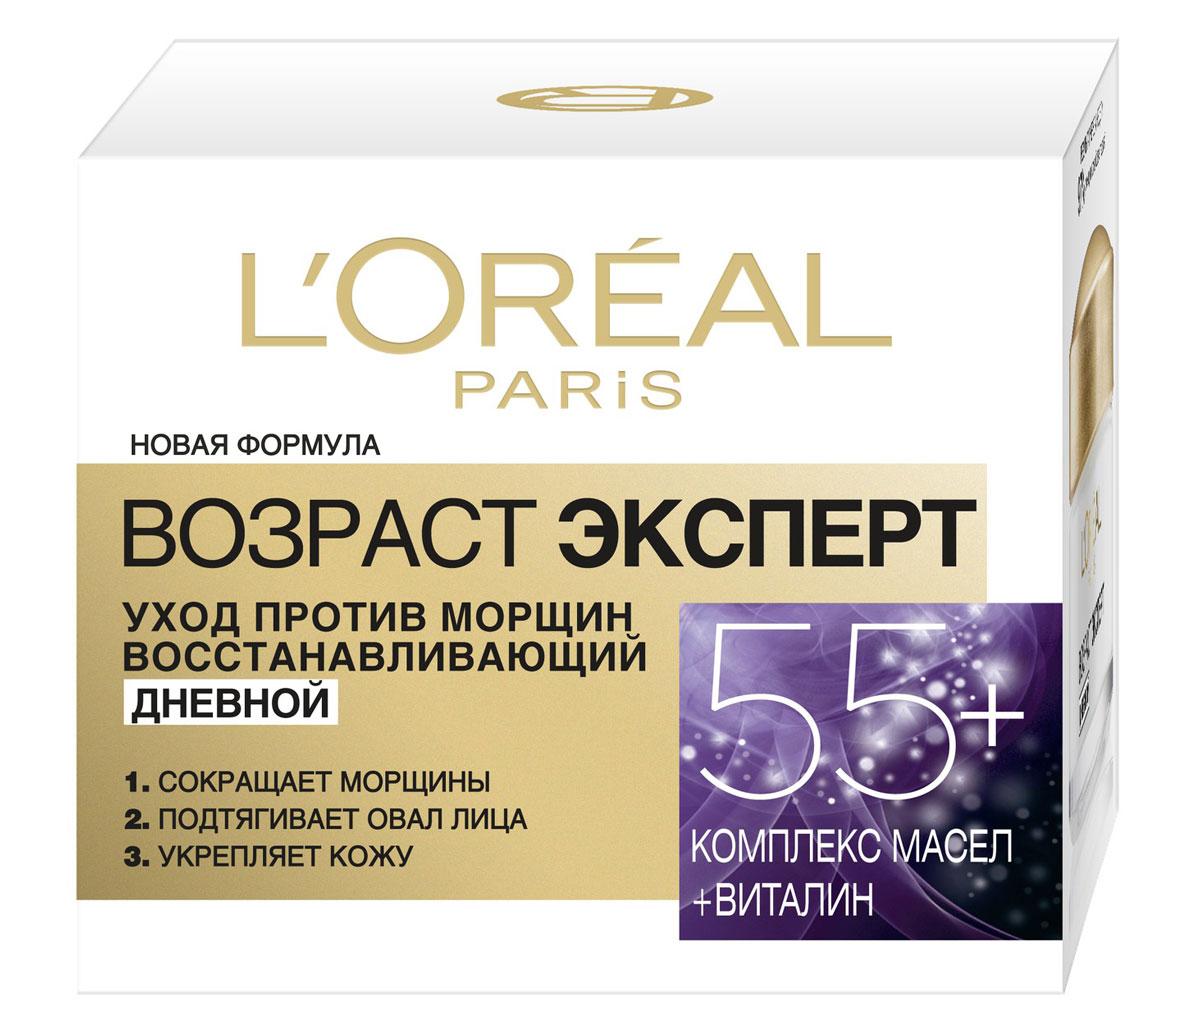 L'Oreal Paris Дневной антивозрастной крем